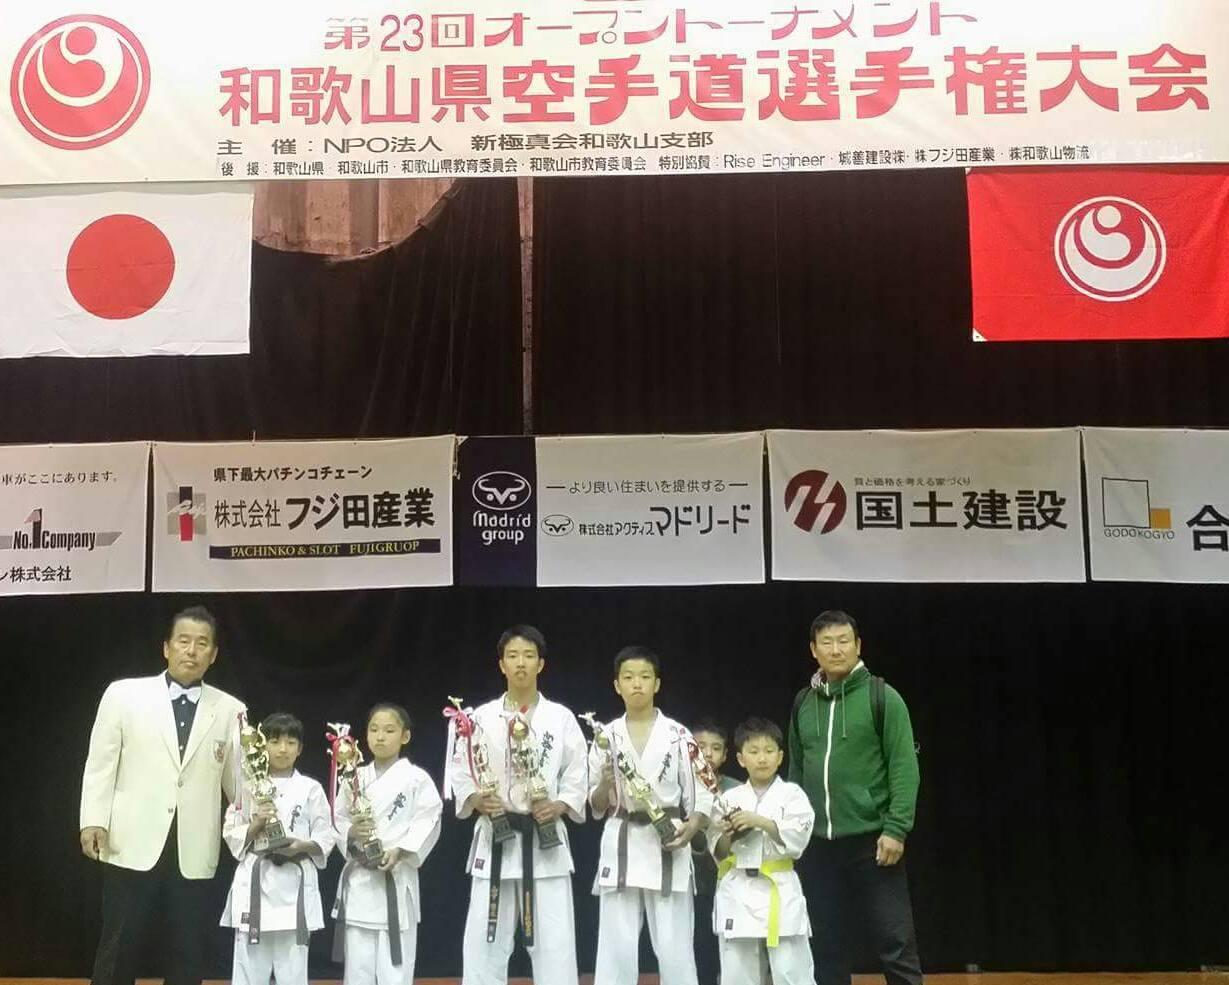 第23回和歌山県大会で「高知勢4階級制覇!!」_c0186691_21264841.jpg